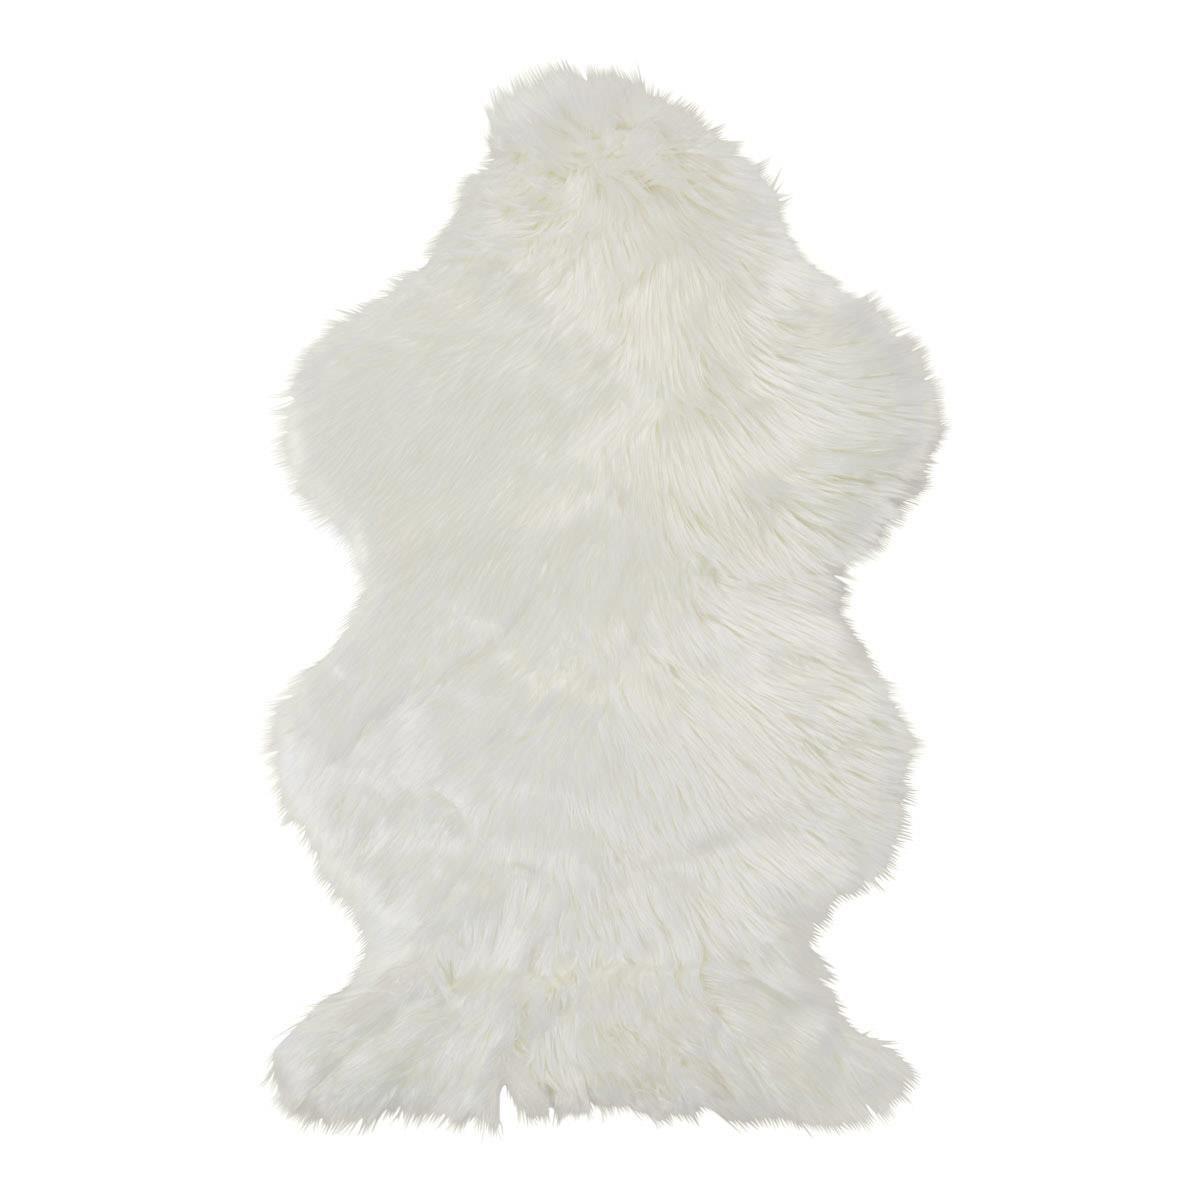 Wellington Faux Fur Rug White Kmart Faux Fur Rug White Faux Fur Rug White Rug